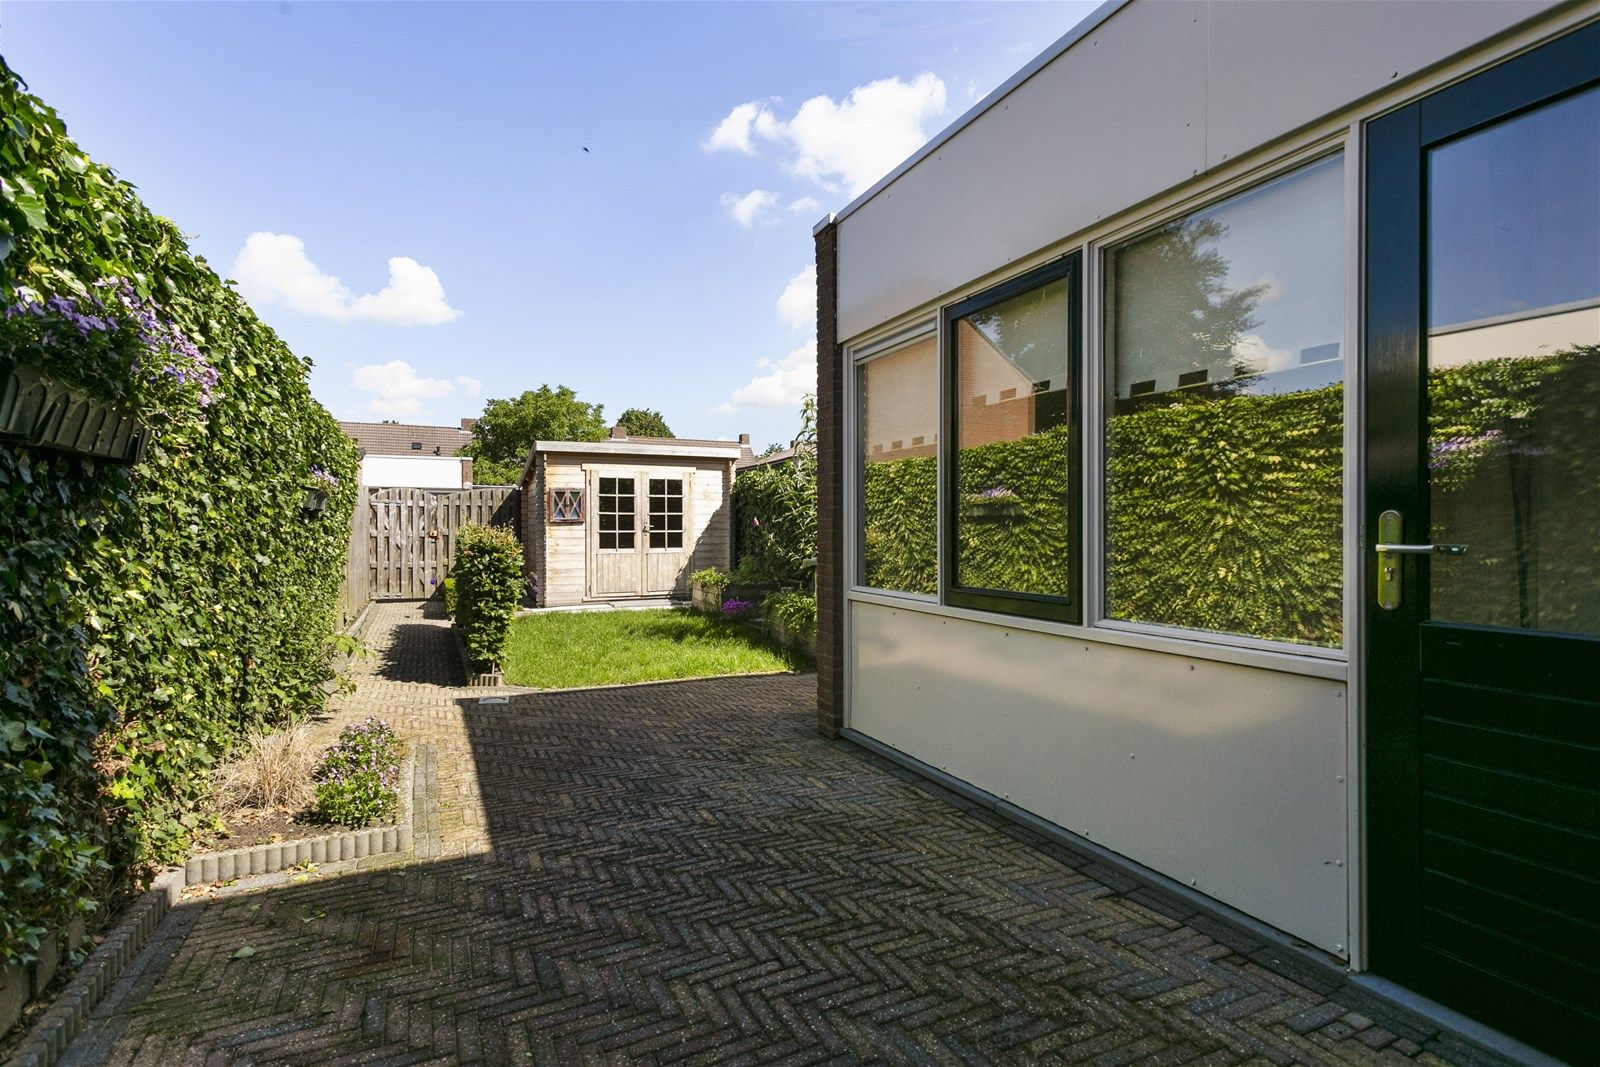 Deze instapklare tussenwoning met houten berging is gelegen in een rustige en kindvriendelijke woonstraat. De woning is fraai afgewerkt en onder andere voorzien van een ruime woonkamer, een open keuken, drie slaapkamers,  een praktische badkamer en zolderruimte. De voor- en achtertuin zijn beide verzorgd aangelegd. De achtertuin is voorzien van een houten berging en een achterom.   BEGANE GROND  Entree/hal met toegang tot de toiletruimte, woonkamer en vaste trap naar de eerste verdieping. Afwerking- Laminaatvloer, spachtelputz wanden en spachtelputz plafond. Meterkast- 7 groepen en 2 aardlekschakelaars.  Toiletruimte met toilet en fonteintje. Afwerking- Tegelvloer, wandtegels en spachtelputz plafond.  Zeer ruime woonkamer met vaste kast onder de trap, openslaande tuindeuren aan de achterzijde  naar de achtertuin en toegang tot de open keuken. Afwerking- Laminaatvloer, stucwerk wanden en stucwerk plafond.  Moderne woonkeuken uitgerust met een kunststof werkblad, spoelbak, inductiekookplaat, ingebouwde  afzuigkap, oven, koelkast en kastruimte. Er is een aansluiting voor een afwasmachine. Vanuit de keuken is de praktische bijkeuken bereikbaar. Afwerking- Laminaatvloer, wandtegels met daarboven stucwerk en stucwerk plafond.  Praktische bijkeuken met loopdeur naar de achtertuin.  Afwerking- Tegelvloer, spachtelputz wanden en agnes plafondplaten.  EERSTE VERDIEPING  Overloop met toegang tot drie slaapkamers, de badkamer en vaste trap naar de tweede verdieping. Afwerking- Laminaatvloer, stucwerk wanden en stucwerk plafond.  Slaapkamer 1- Een ruime slaapkamer aan de voorzijde van de woning. Afwerking- Laminaatvloer, structuurverf wanden en structuurverf plafond.  Slaapkamer 2- Een ruime slaapkamer aan de voorzijde van de woning. Afwerking- Laminaatvloer, structuurverf wanden en structuurverf plafond.  Slaapkamer 3- Een ruime slaapkamer aan de achterzijde van de woning. Afwerking- Laminaatvloer, structuurverf wanden en structuurverf plafond.  Praktische badkamer uitgerust me